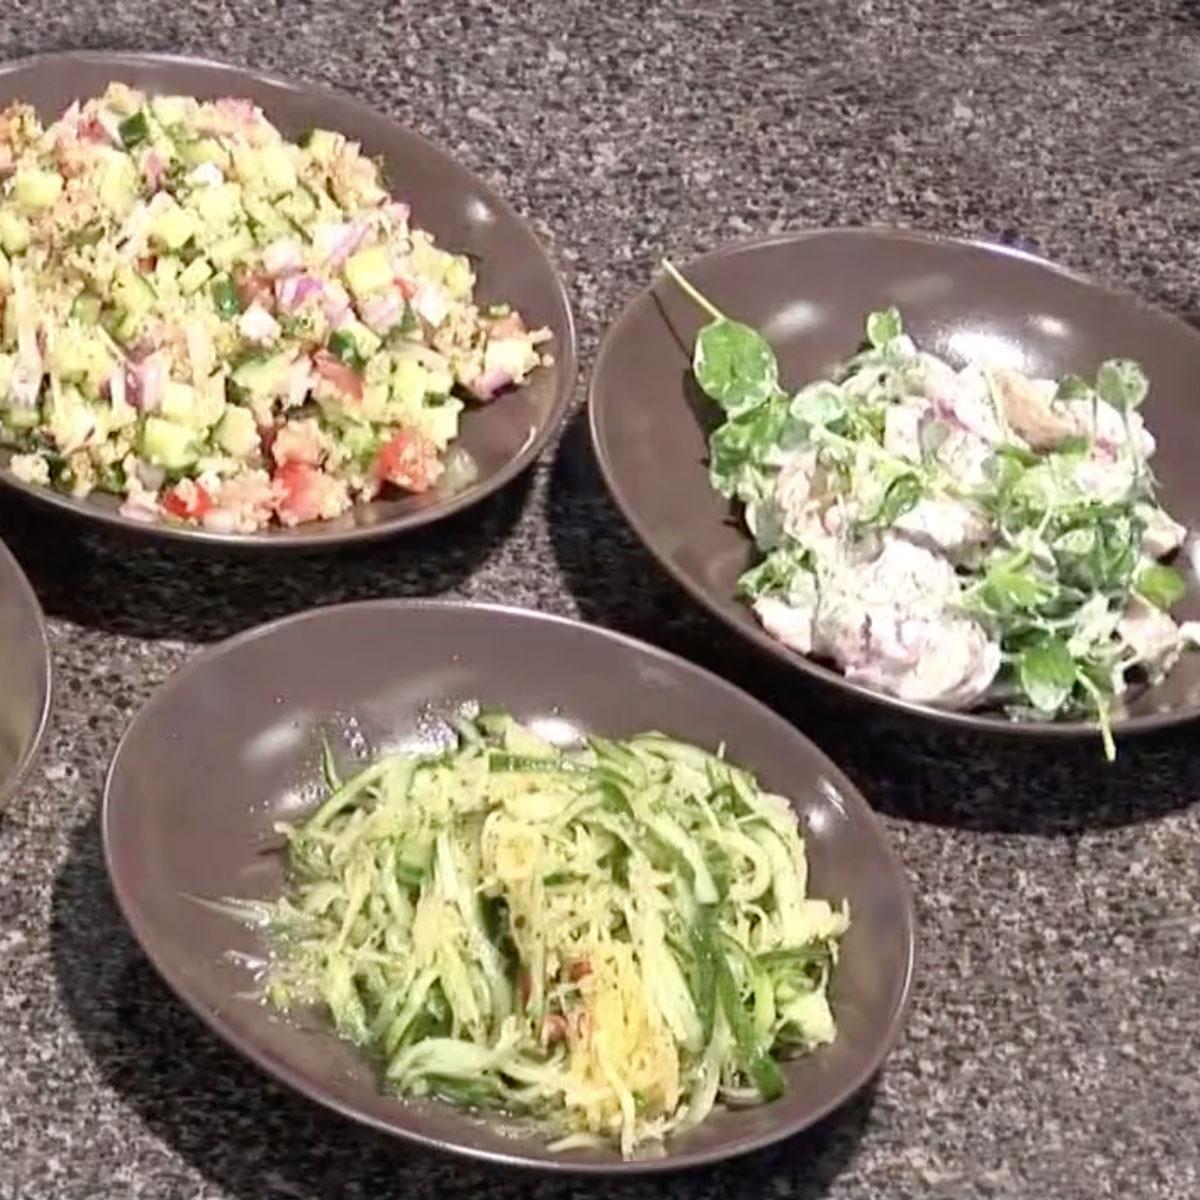 Summer Salads - WCSH's 207July 19, 2017